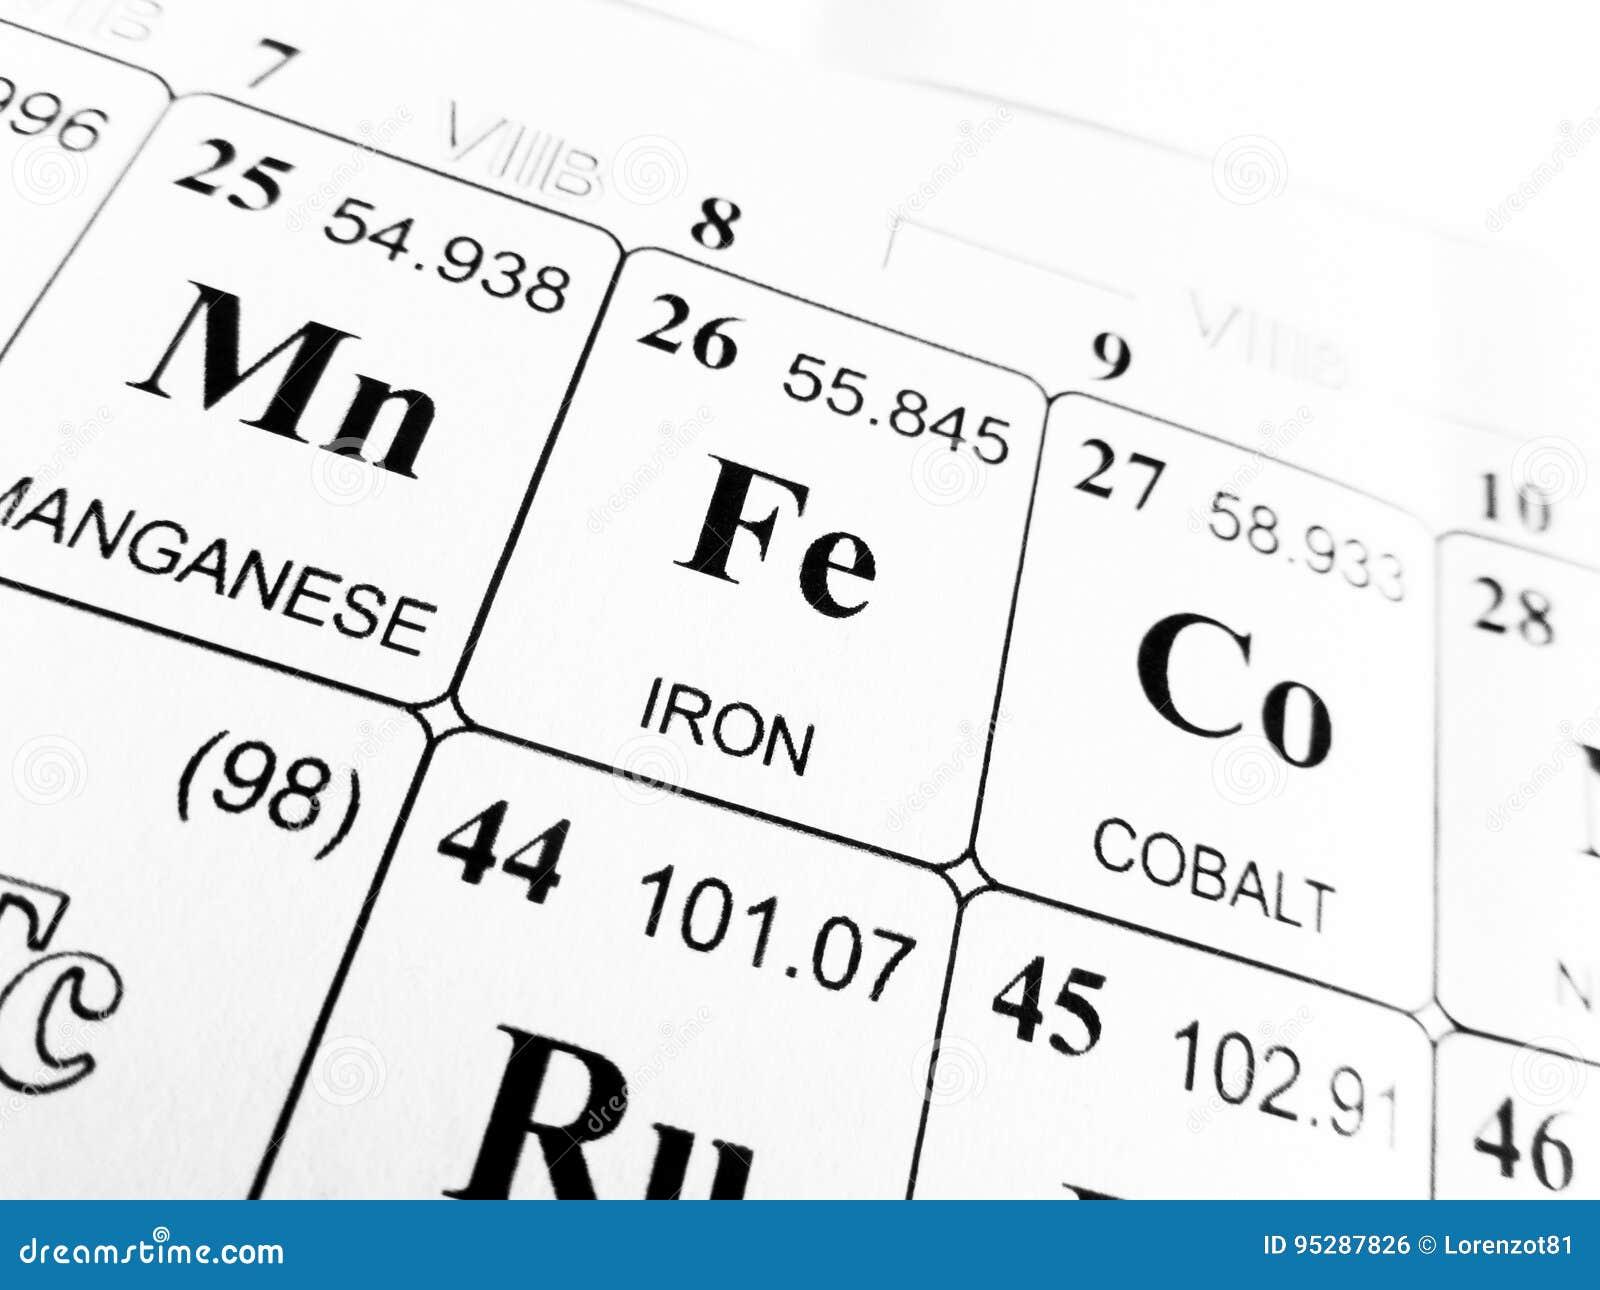 hierro en la tabla peridica de los elementos - Tabla Periodica De Los Elementos Hierro